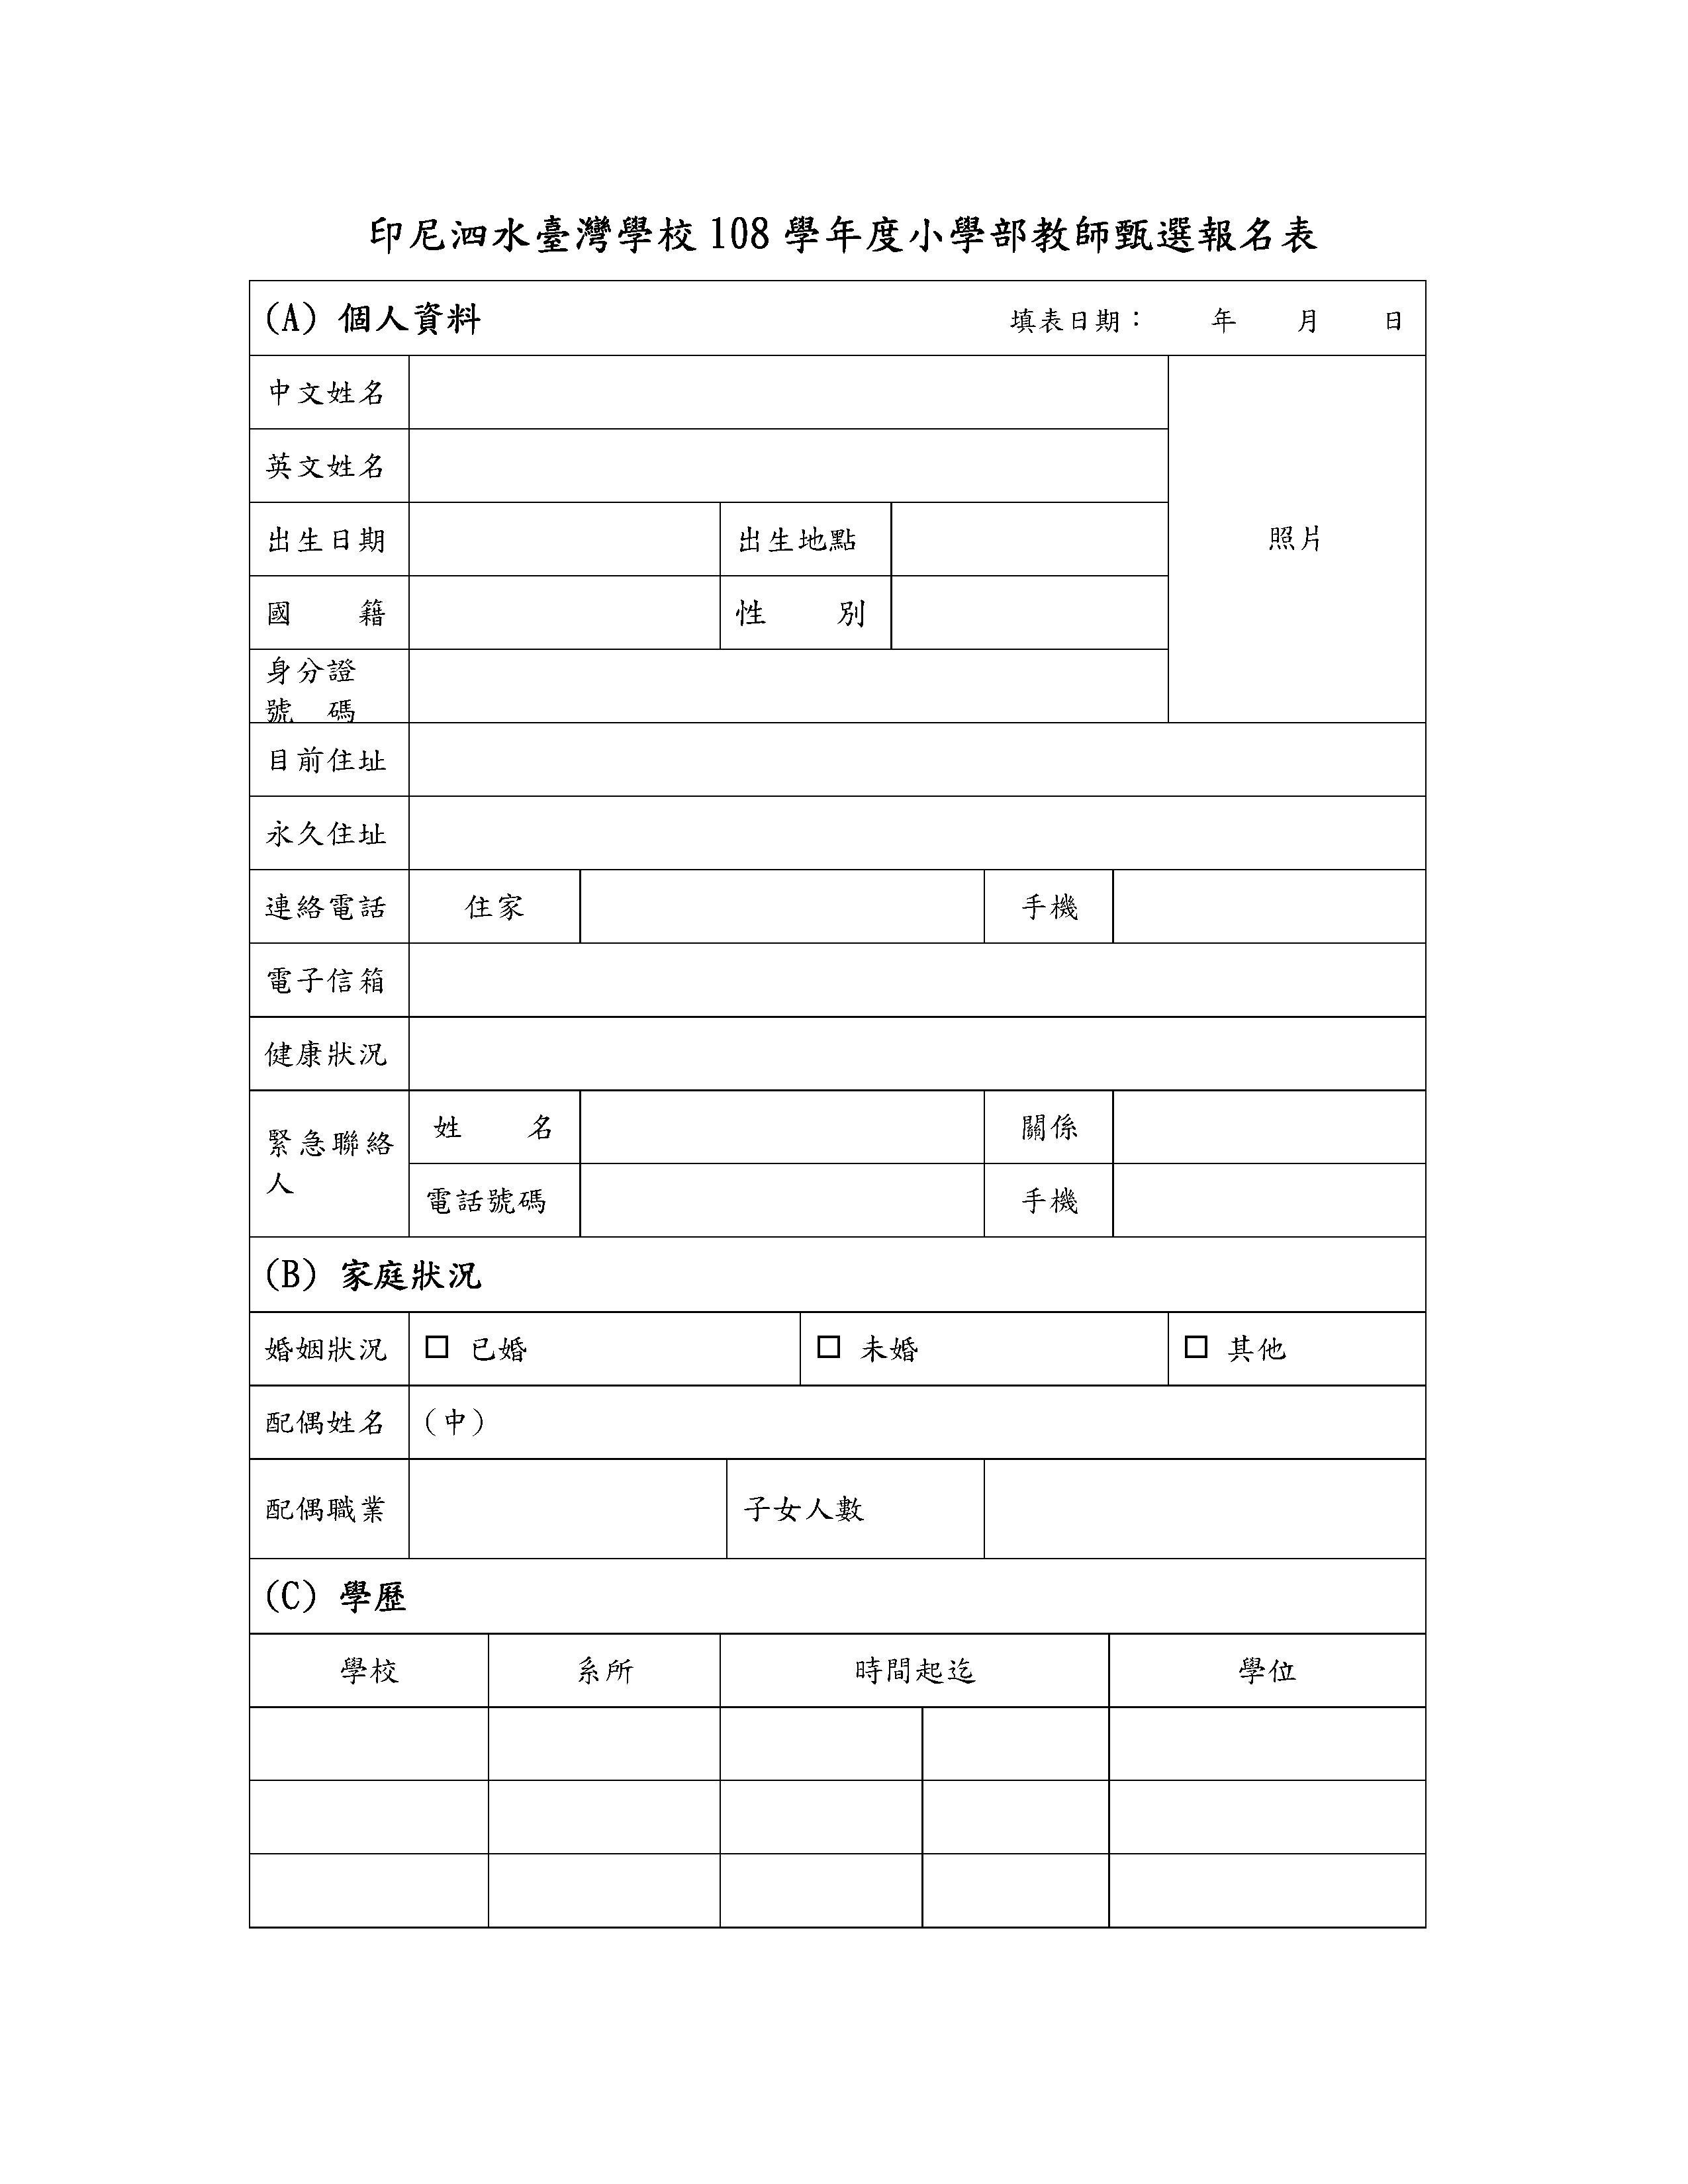 Microsoft Word - 108學年度小學部第二次教師甄選簡章108.4.29.doc0002